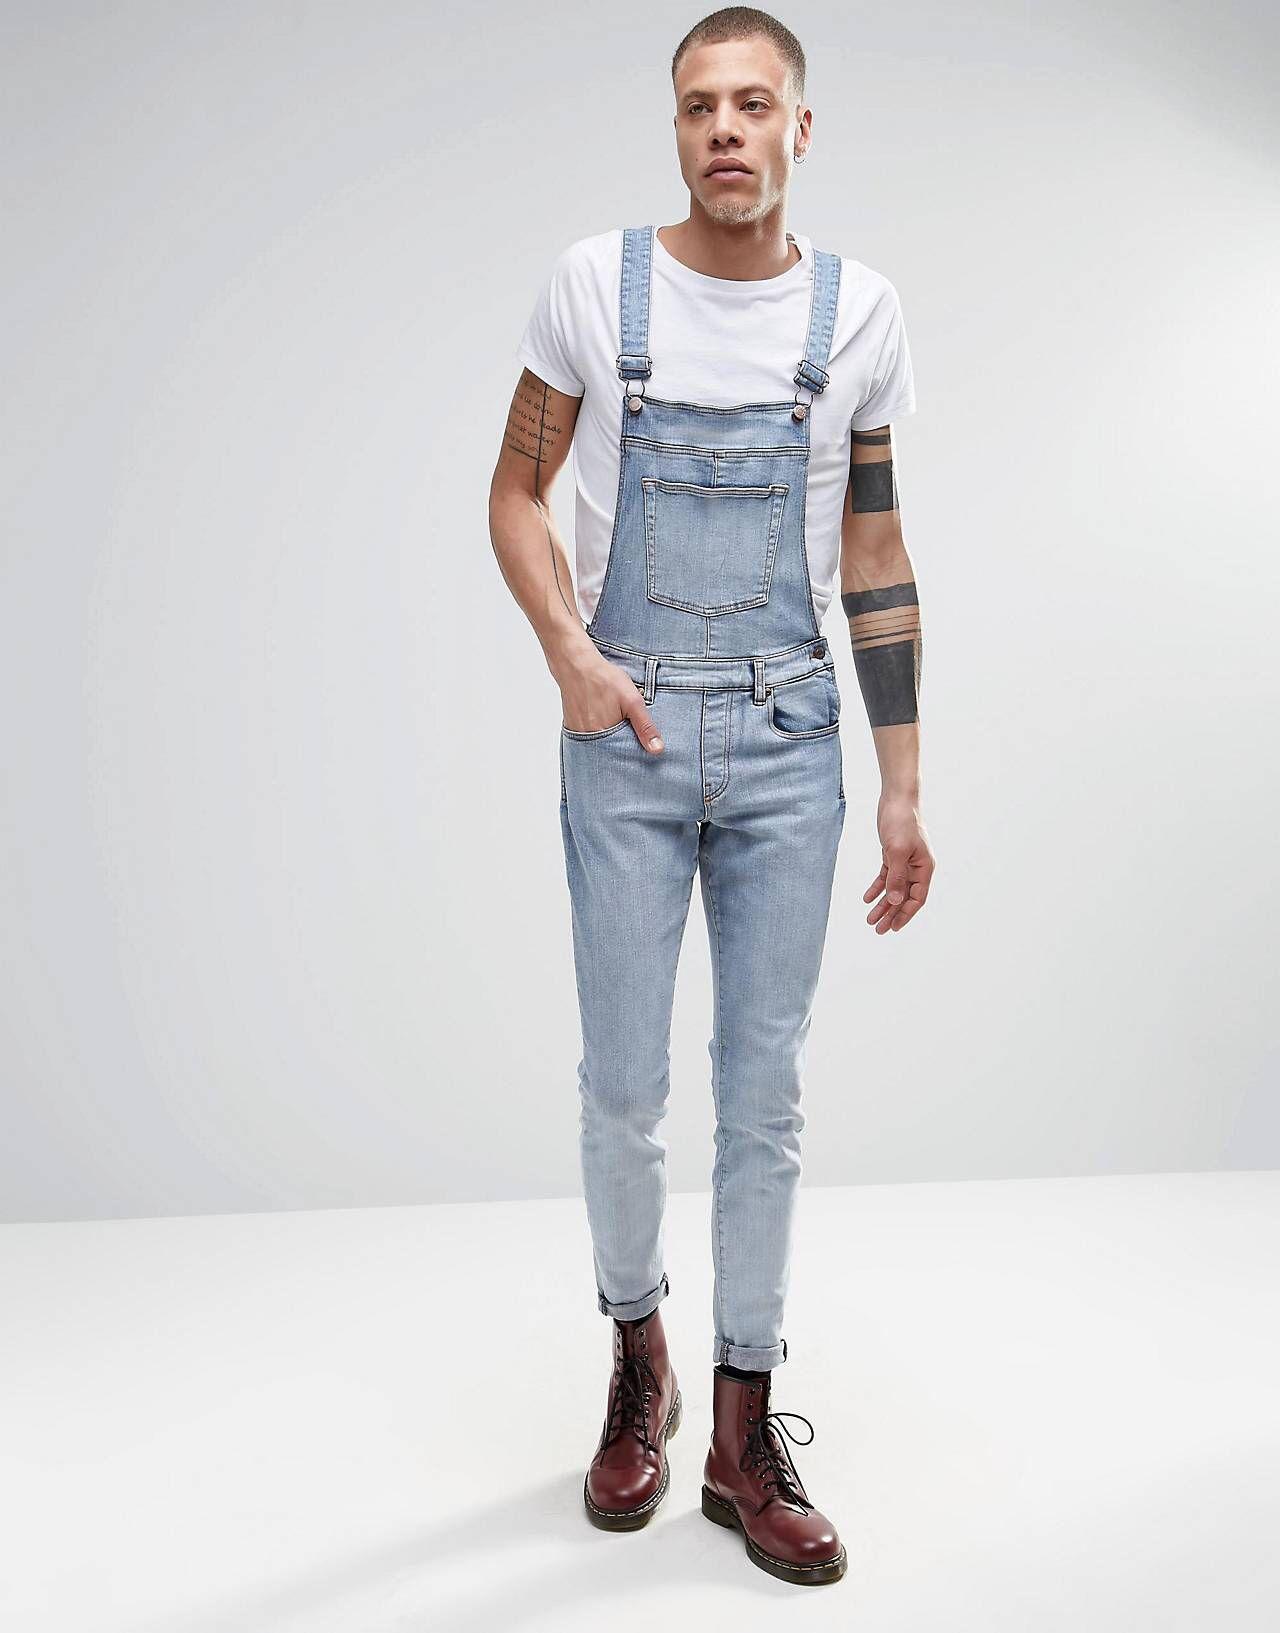 b1918e5e6fc Dr Denim - Ira - Salopette skinny en jean clair délavé - Pierre ...